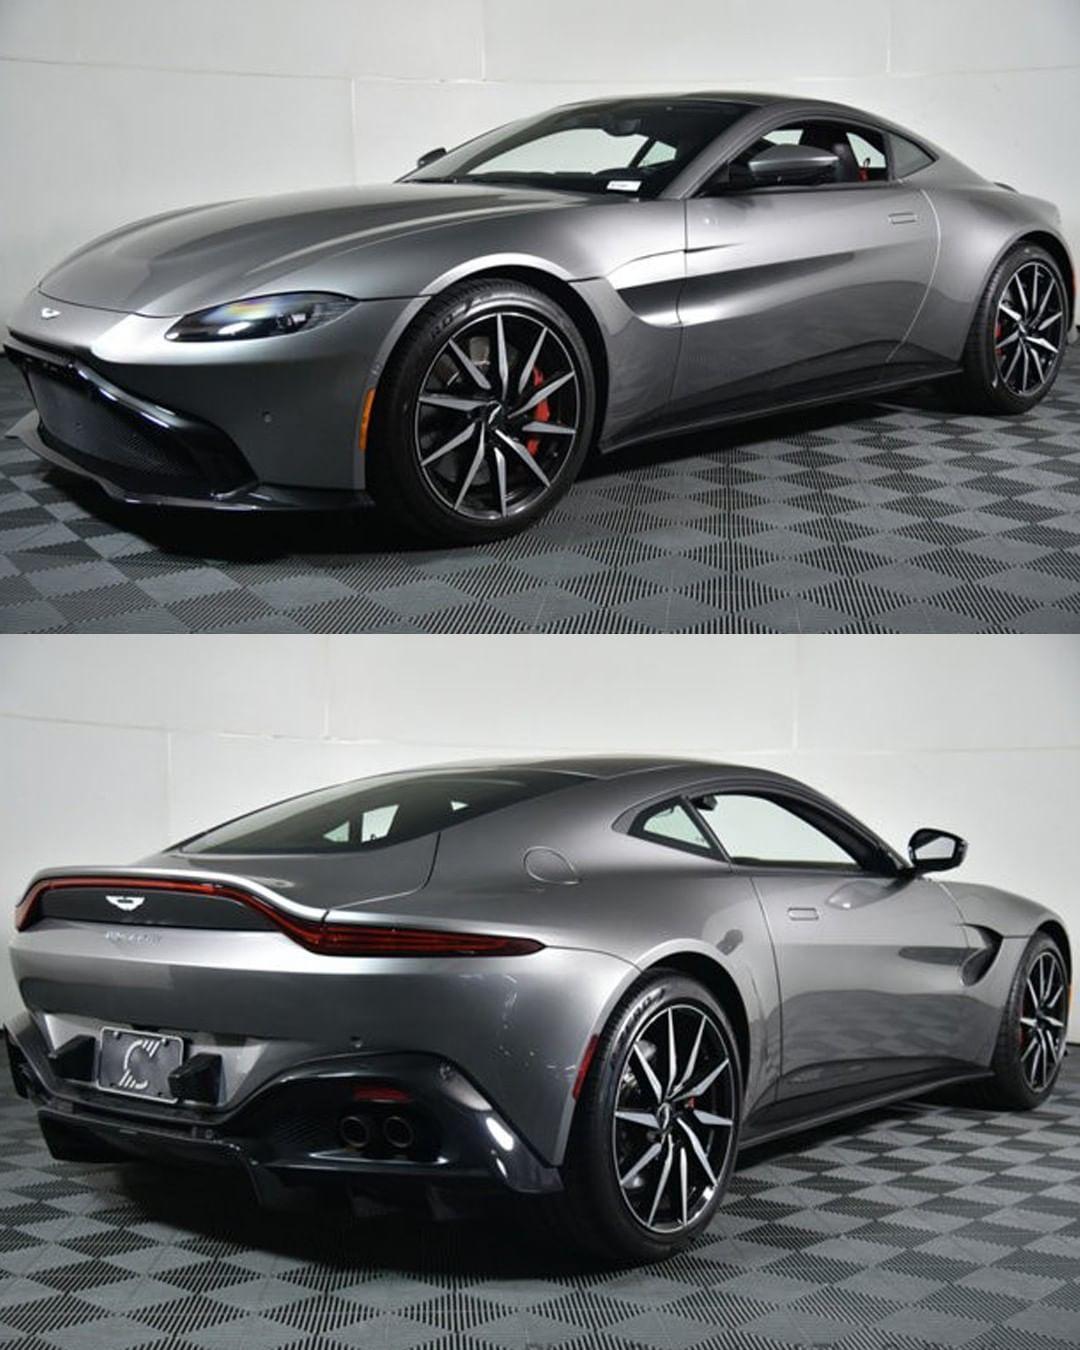 2019 Aston Martin Vantage - Engin